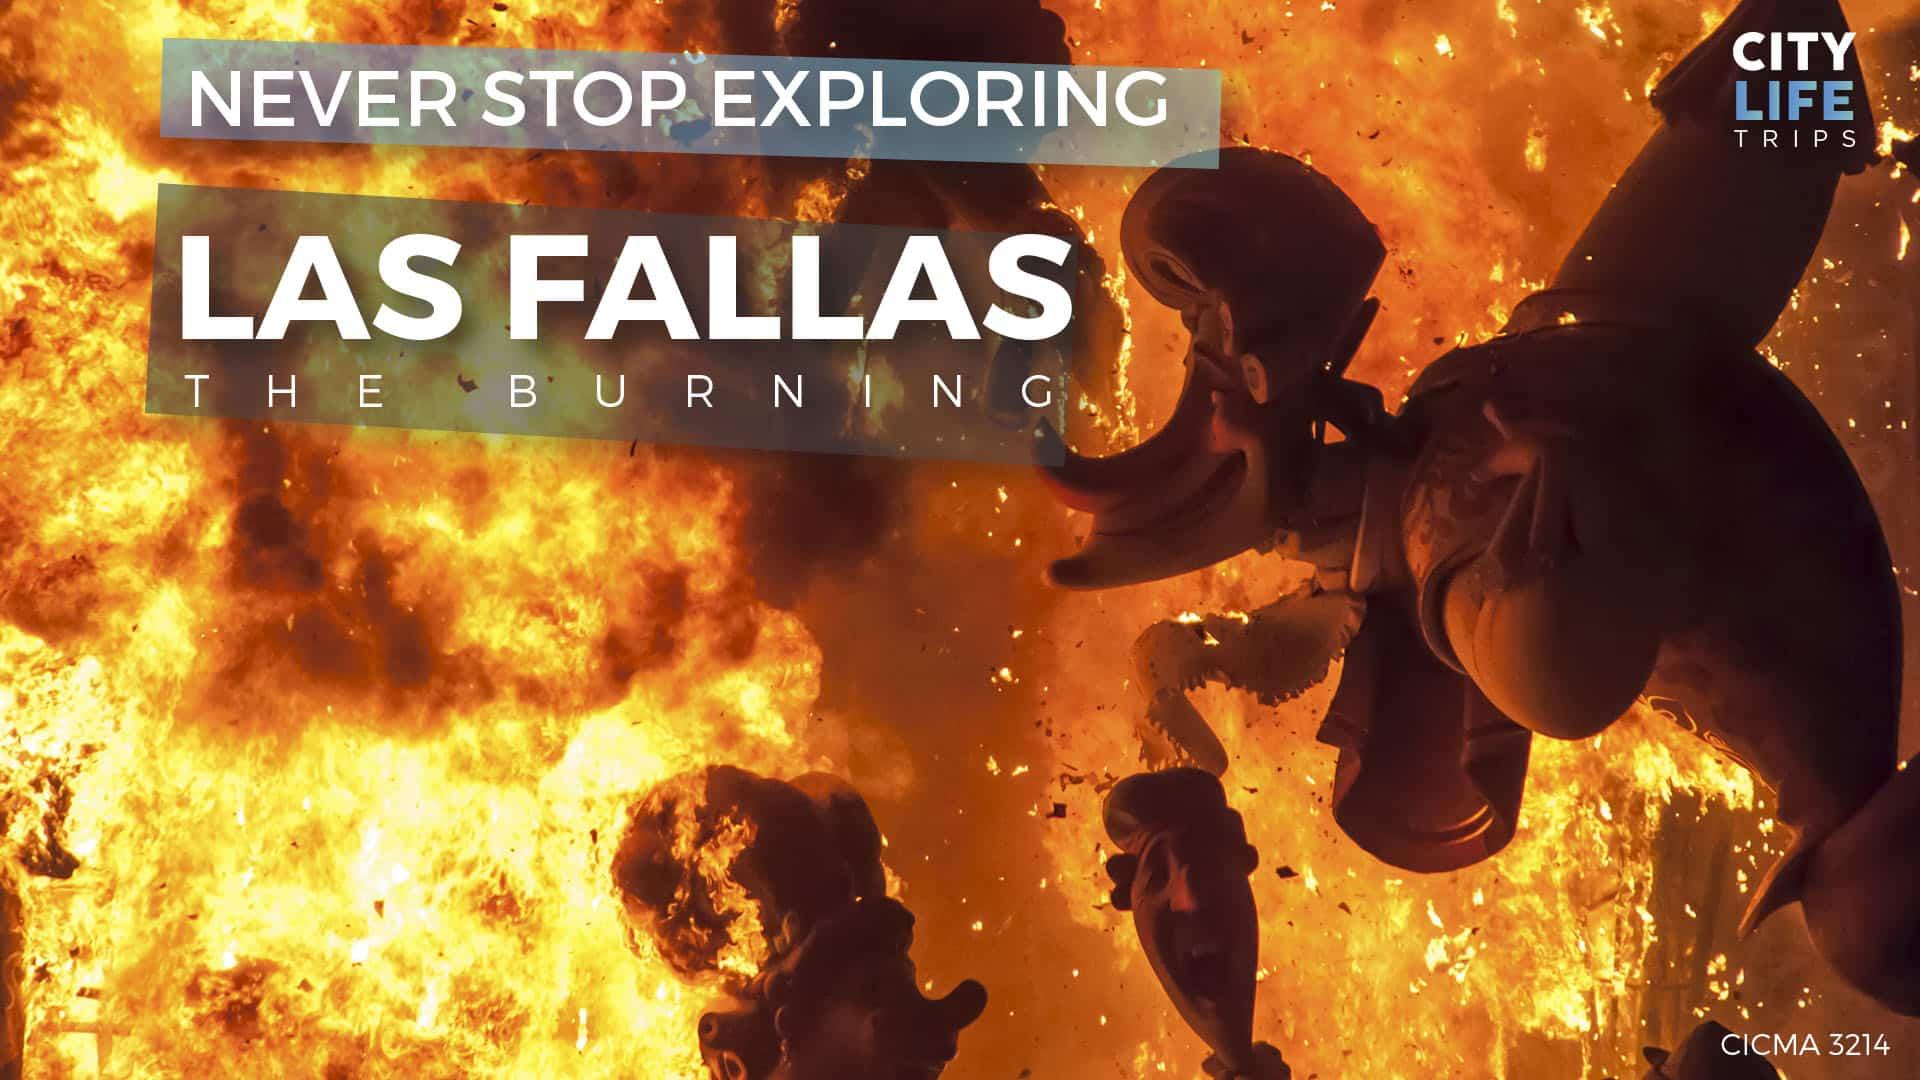 Las Fallas #2 – La Cremá (The Burning)